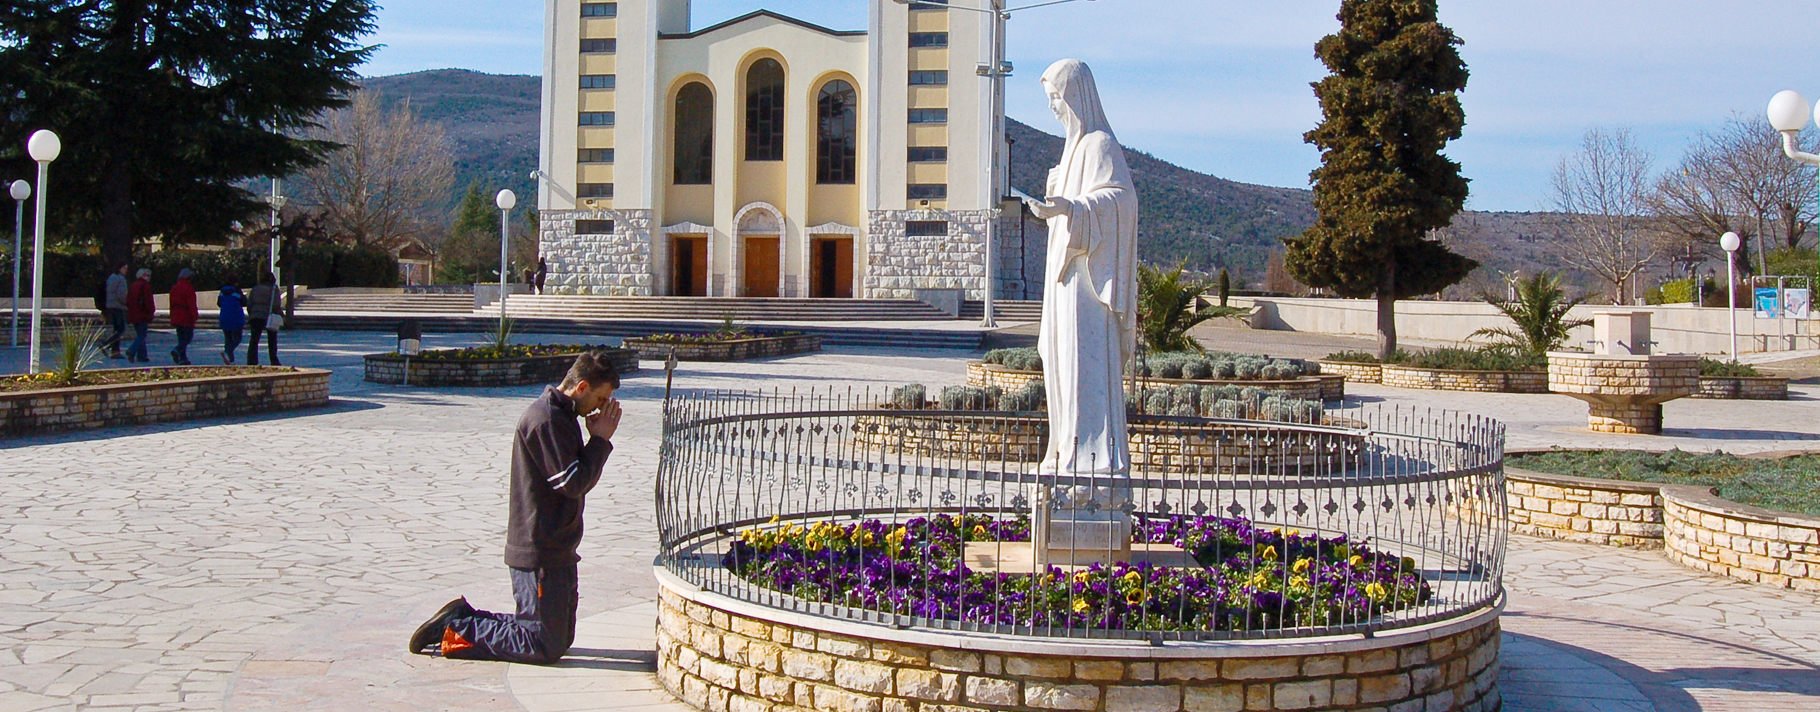 Michael Stanton Pilgrimages - 206 Tours - Catholic Pilgrimages